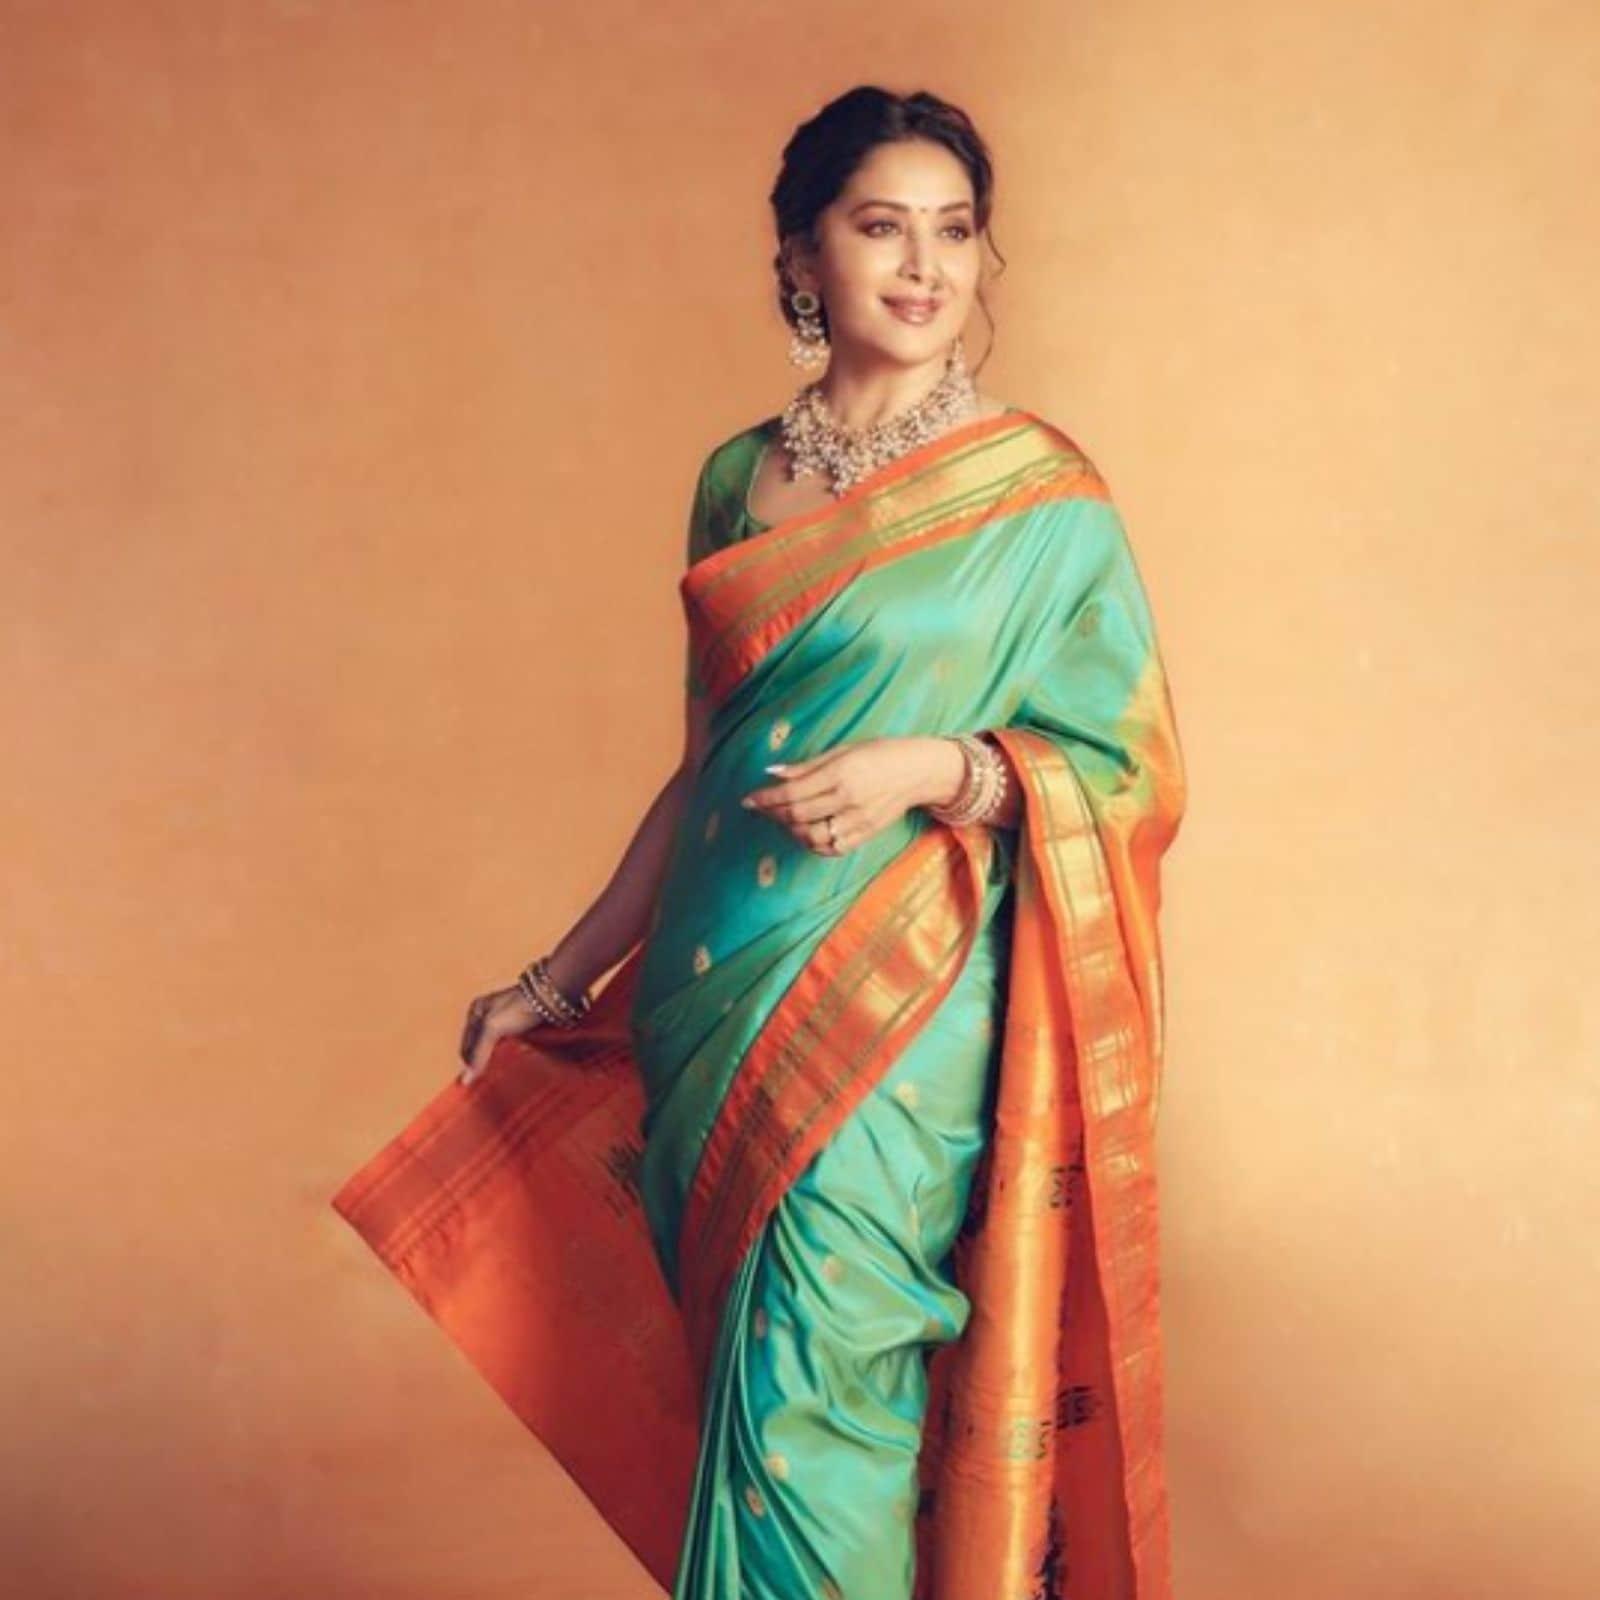 नवरात्रि के लिए आप माधुरी दीक्षित का ये ट्रेडिशनल स्टाइल कैरी कर सकती हैं. इस लुक के लिए आप फिरोज़ी चंदेरी सिल्क की साड़ी और चौड़े लाल बॉर्डर की साड़ी पहनें. इसके साथ नाक में बड़ी नथ, गले में पसंदीदा नेकलेस, हाथों में चूडियां और कानों में भारी झुमके पहनें. (Image- Instagram/ Madhuri Dixit Nene)